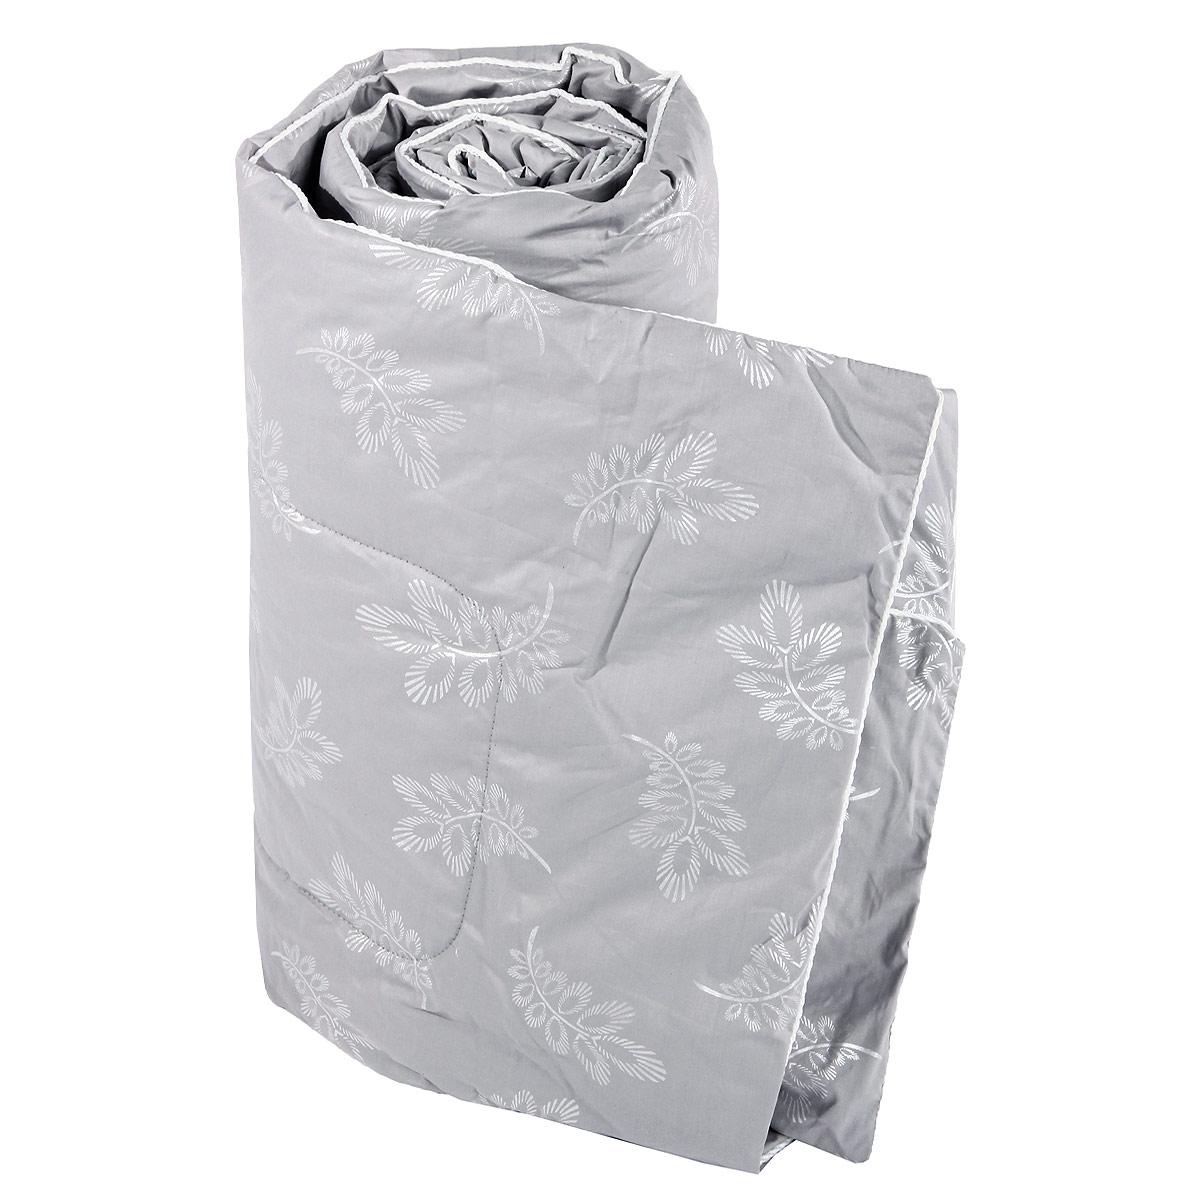 Одеяло Dargez Прима, наполнитель: пух, 140 х 205 см22340ПОдеяло Dargez Прима представляет собой стеганый чехол из натурального хлопка с пуховым наполнителем. Особенности одеяла Dargez Прима:натуральное и экологически чистое;обладает легкостью и уникальными теплозащитными свойствами;создает оптимальный температурный режим;обладает высокой гигроскопичностью: хорошо впитывает и испаряет влагу;имеет высокою воздухопроницаемостью: позволяет телу дышать;обладает мягкостью и объемом. Одеяло упаковано в прозрачный пластиковый чехол на молнии с ручкой, что является чрезвычайно удобным при переноске. Характеристики: Материал чехла: 100% хлопок (перкаль). Наполнитель: пух первой категории. Размер: 140 см х 205 см. Масса наполнителя: 0,5 кг. Артикул: 22340П. Торговый Дом Даргез был образован в 1991 году на базе нескольких компаний, занимавшихся производством и продажей постельных принадлежностей и поставками за рубеж пухоперового сырья. Благодаря опыту, накопленным знаниям, стремлению к инновациям и развитию за 19 лет компания смогла стать крупнейшим производителем домашнего текстиля на территории Российской Федерации.В основу деятельности Торгового Дома Даргез положено стремление предоставить покупателю широкий выбор высококачественных постельных принадлежностей и текстиля для дома, которые способны создавать наилучшие условия для комфортного и, что немаловажно, здорового сна и отдыха.